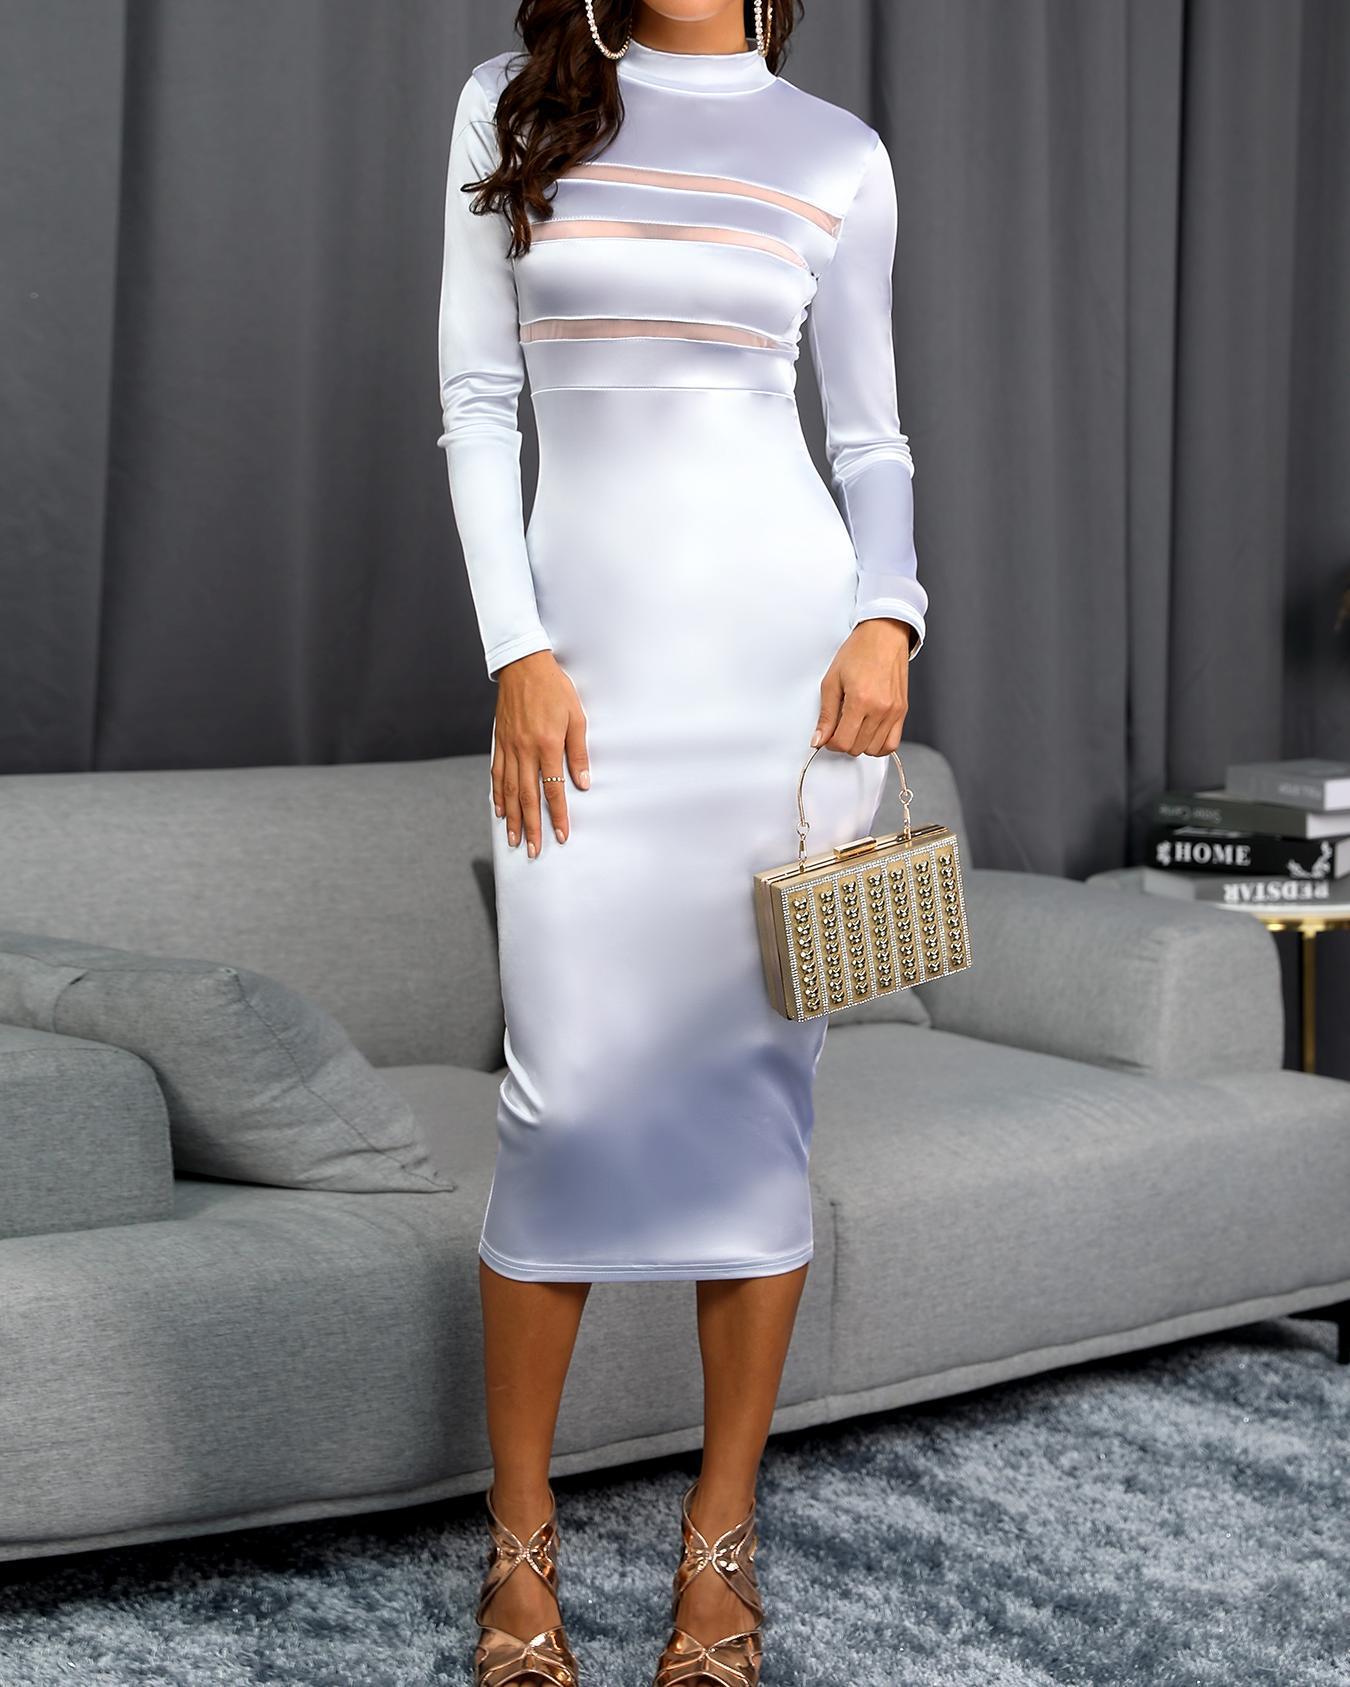 boutiquefeel / Vestido a media pierna con aplicación de malla transparente